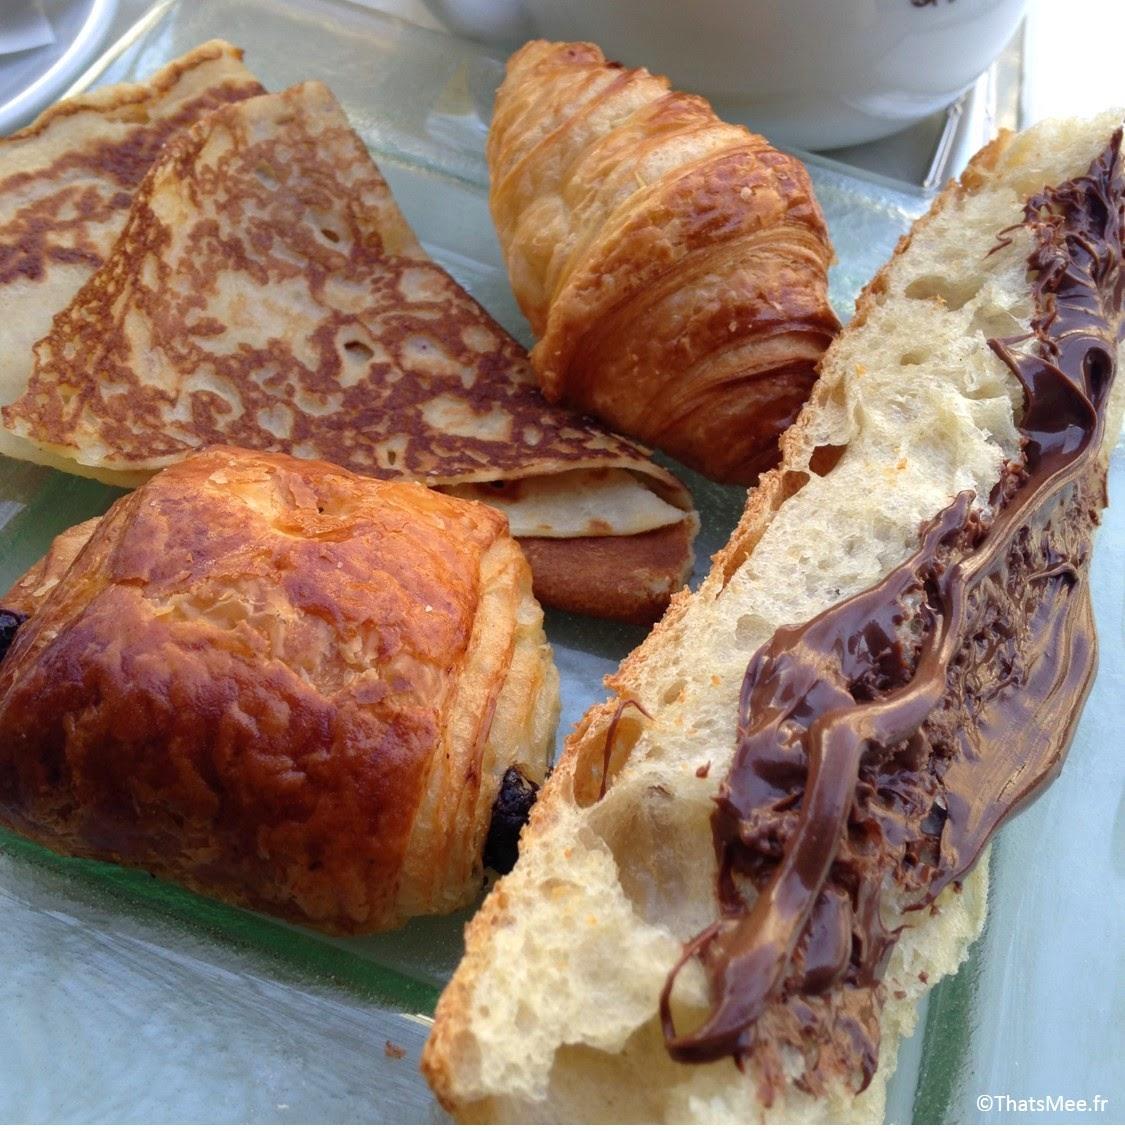 croissant pain au chocolat mini-viennoiserie crepe tartine brunch Le Beaumarchais Paris Bastille café restaurant